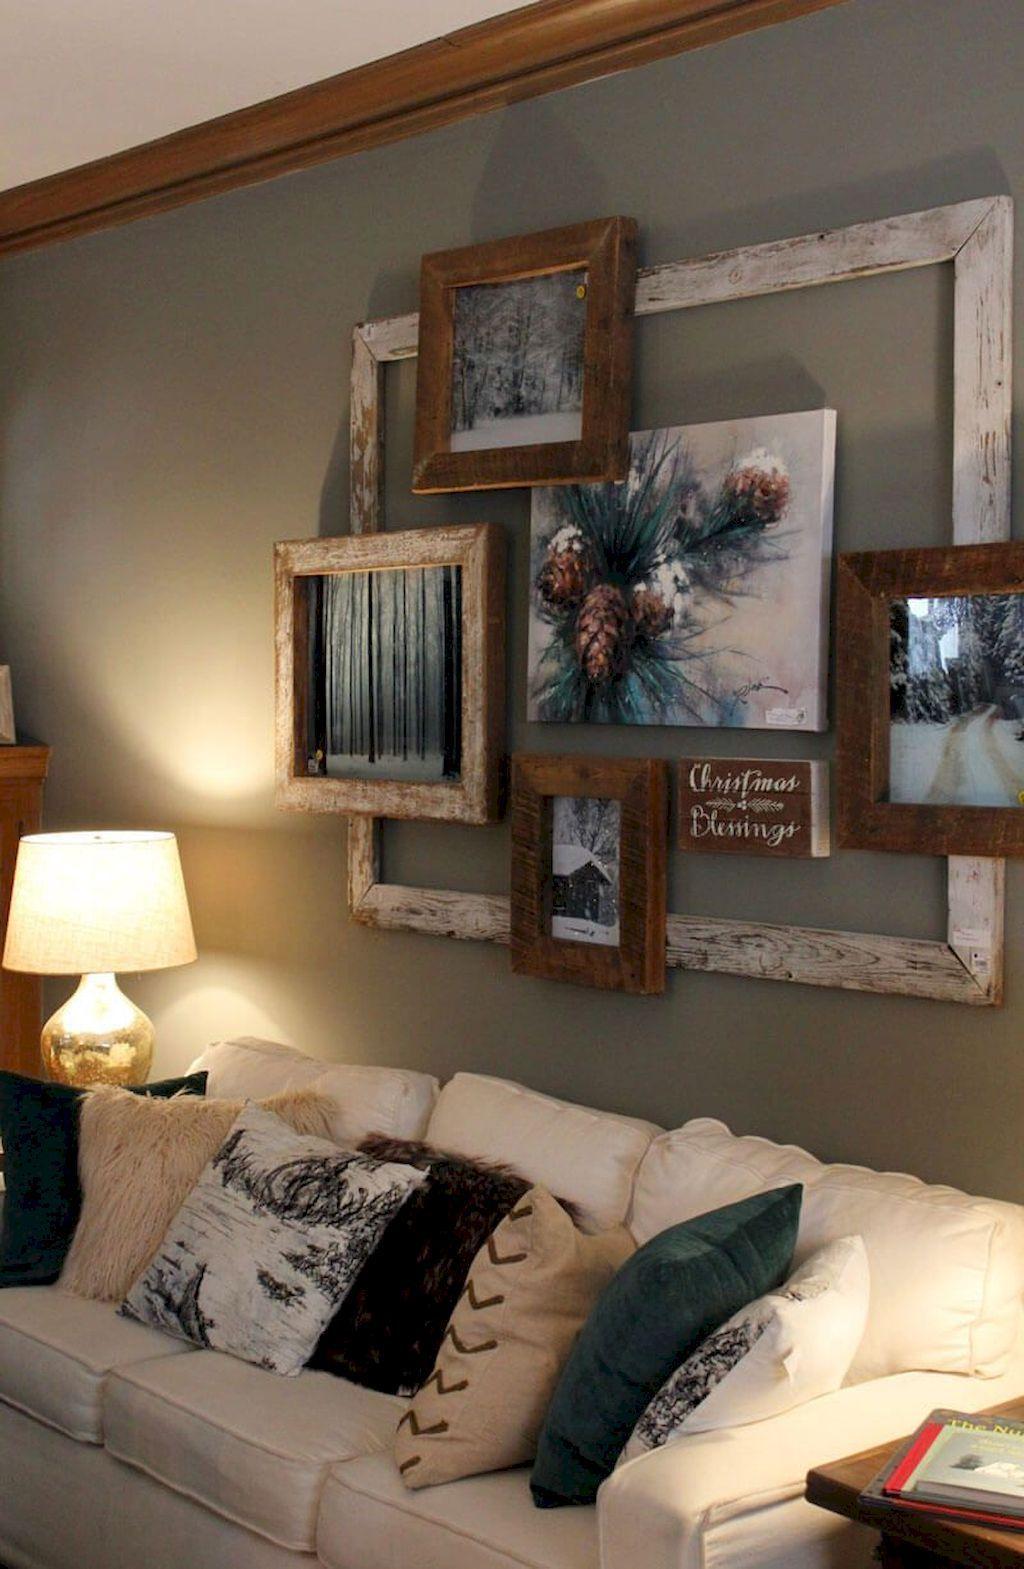 Cool farmhouse rustic home decor ideas rusticroom